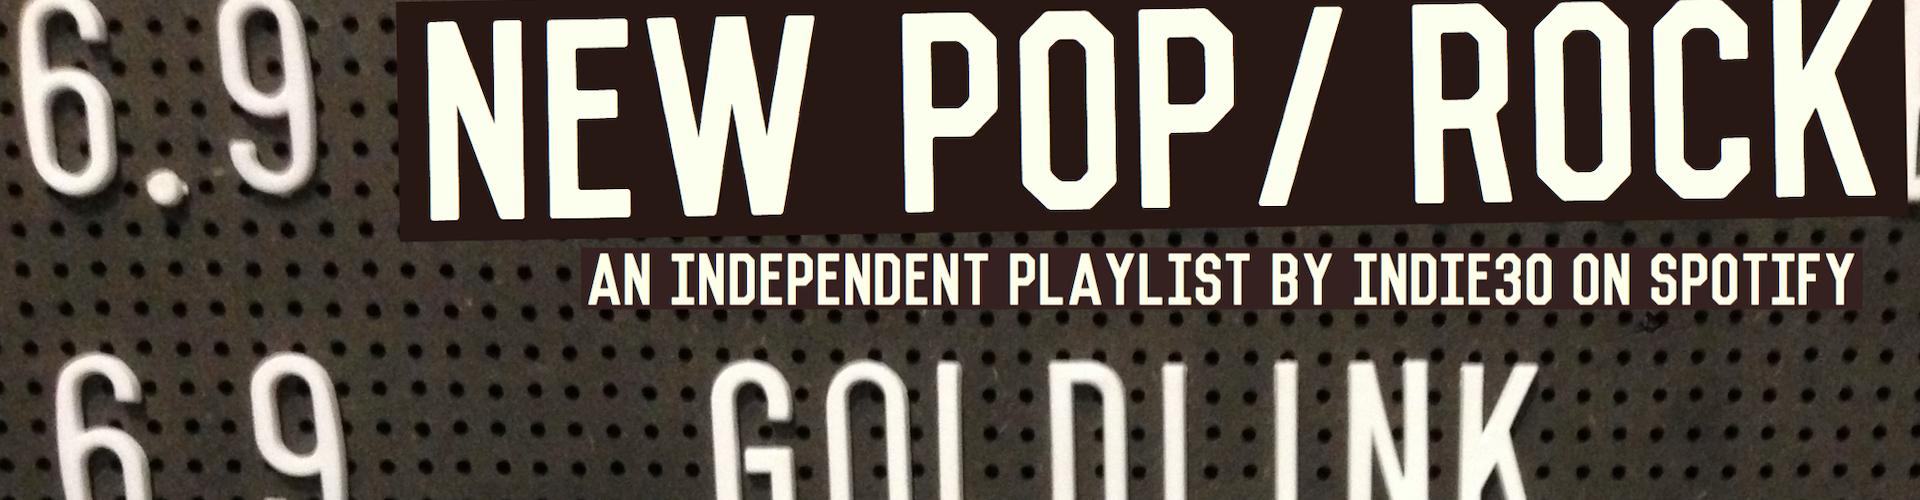 Pop-Rock-banner